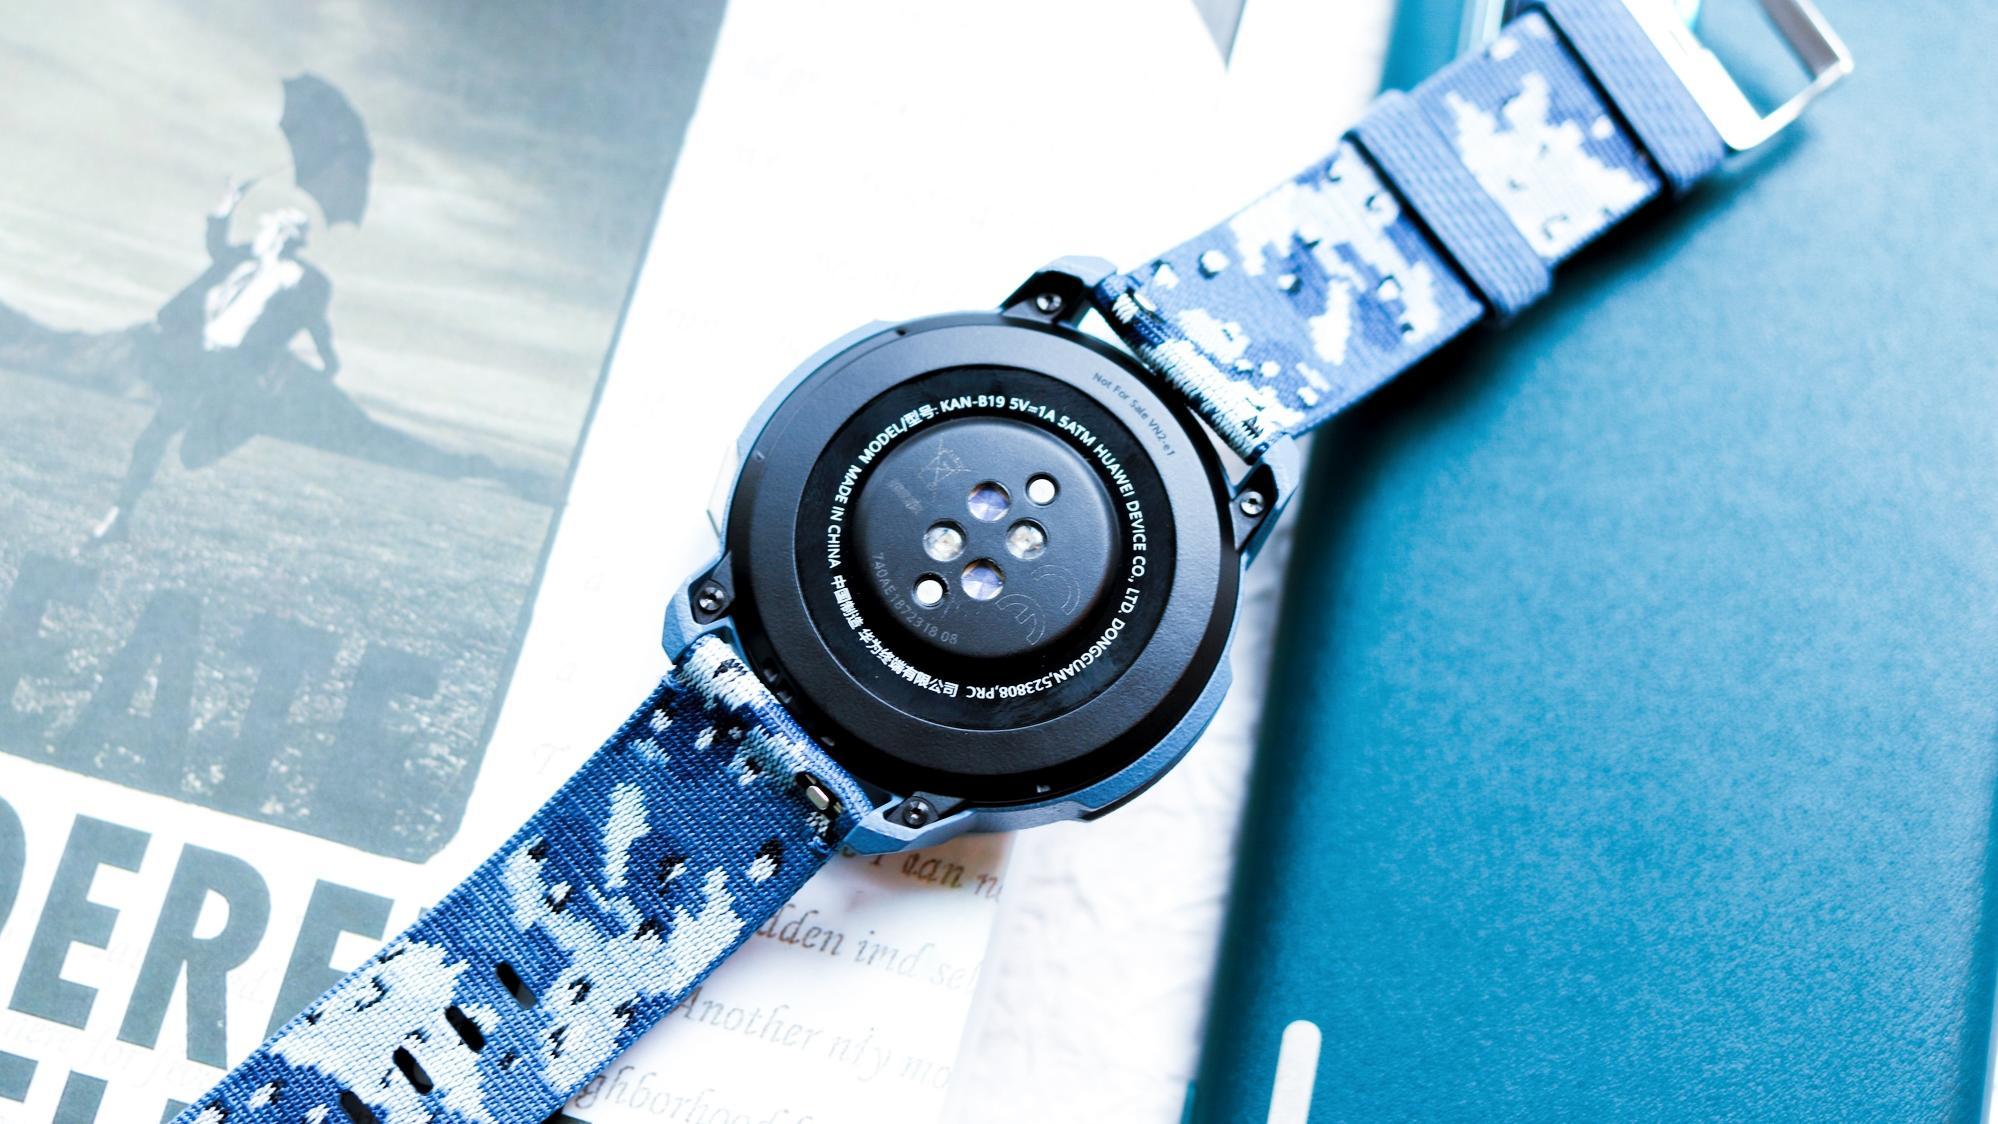 25天续航户外潮流实力派 荣耀手表GS Pro评测